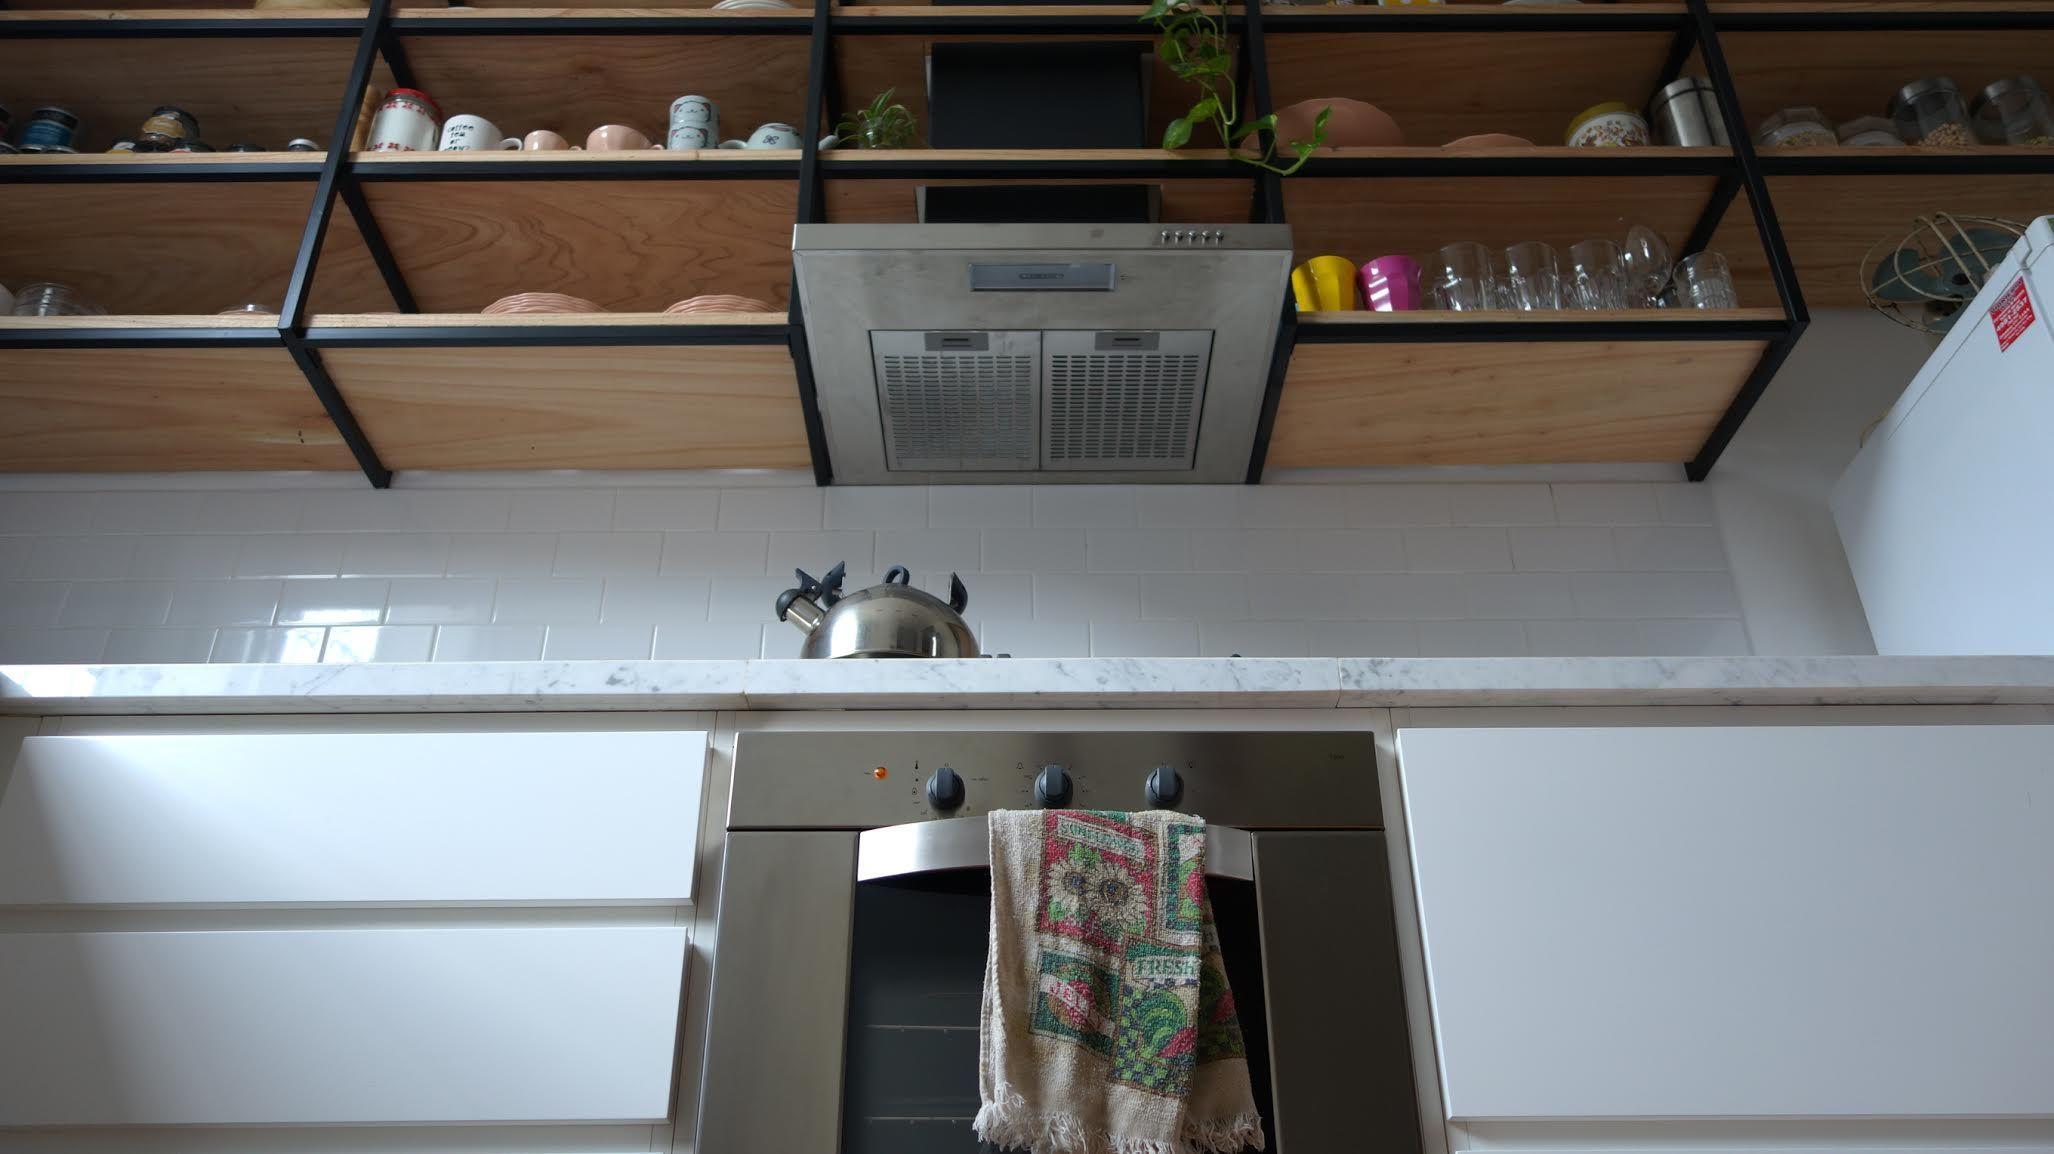 Cocina Con Piso De Madera Mesada De Carrara Muebles Laqueados Y  # Muebles Laqueados